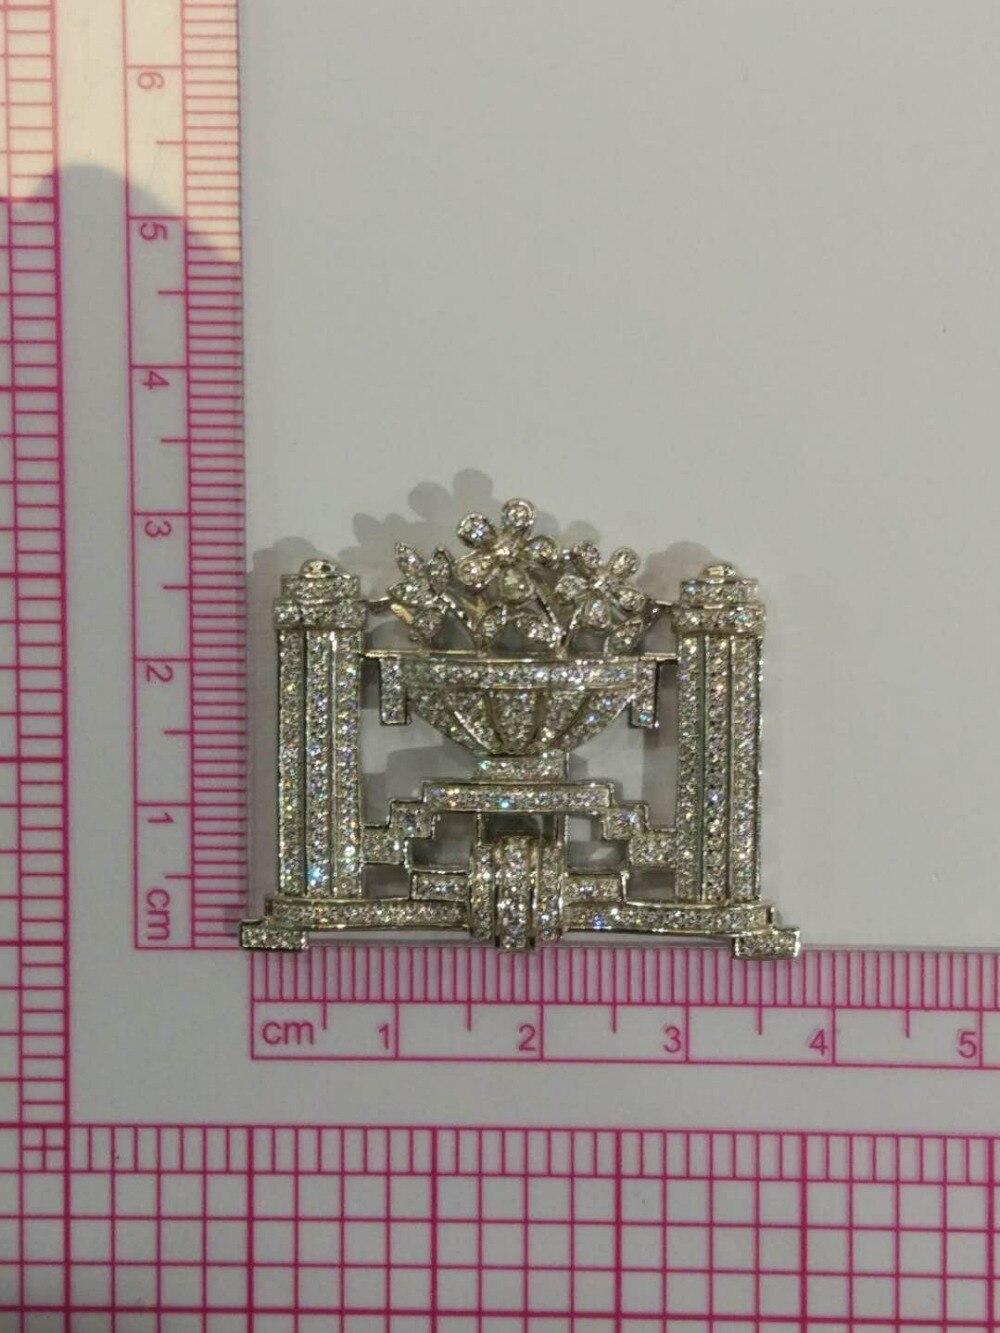 Connecteurs pour collier ou bracelet 925 en argent sterling avec zircon cubique fleur bijoux de mode résultats de bijoux à bricoler soi-même